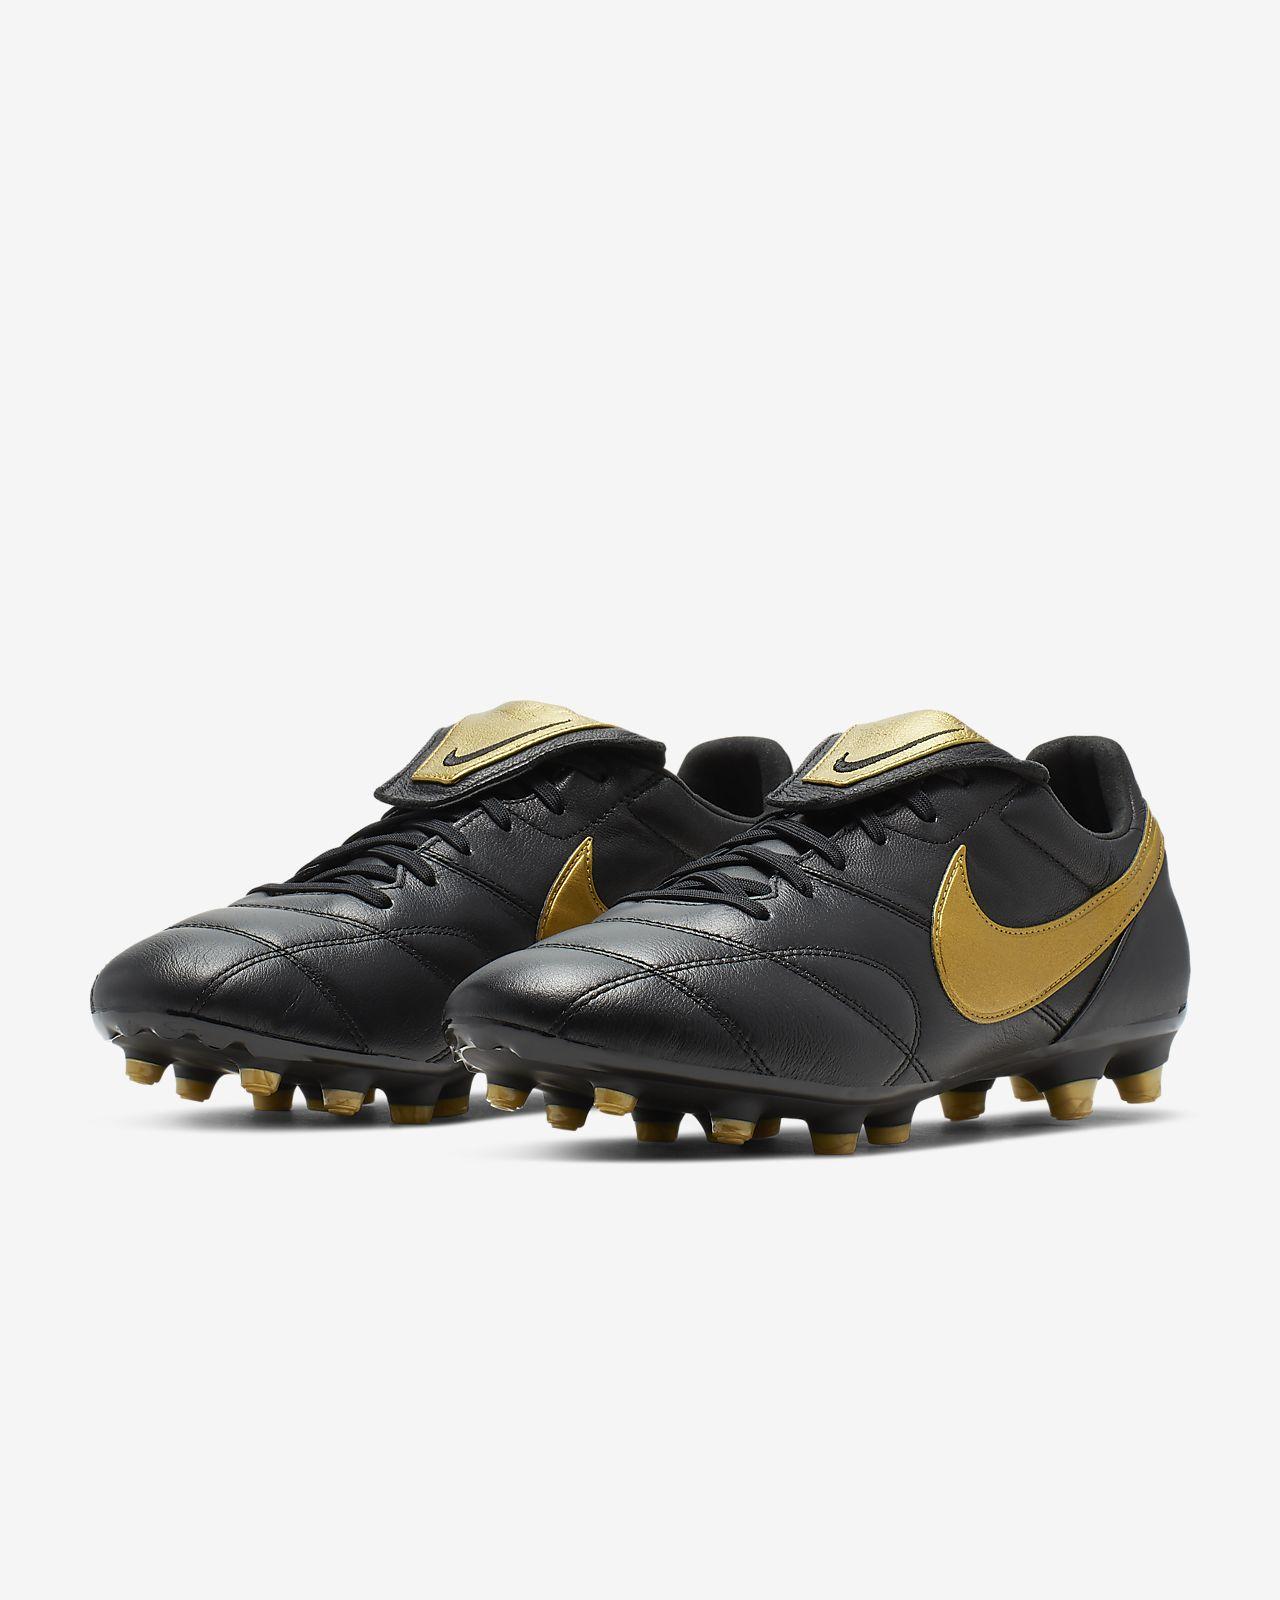 À Premier Football Terrain De Pour Ii Sec Chaussure Fg Crampons Nike BoeQWCxrd